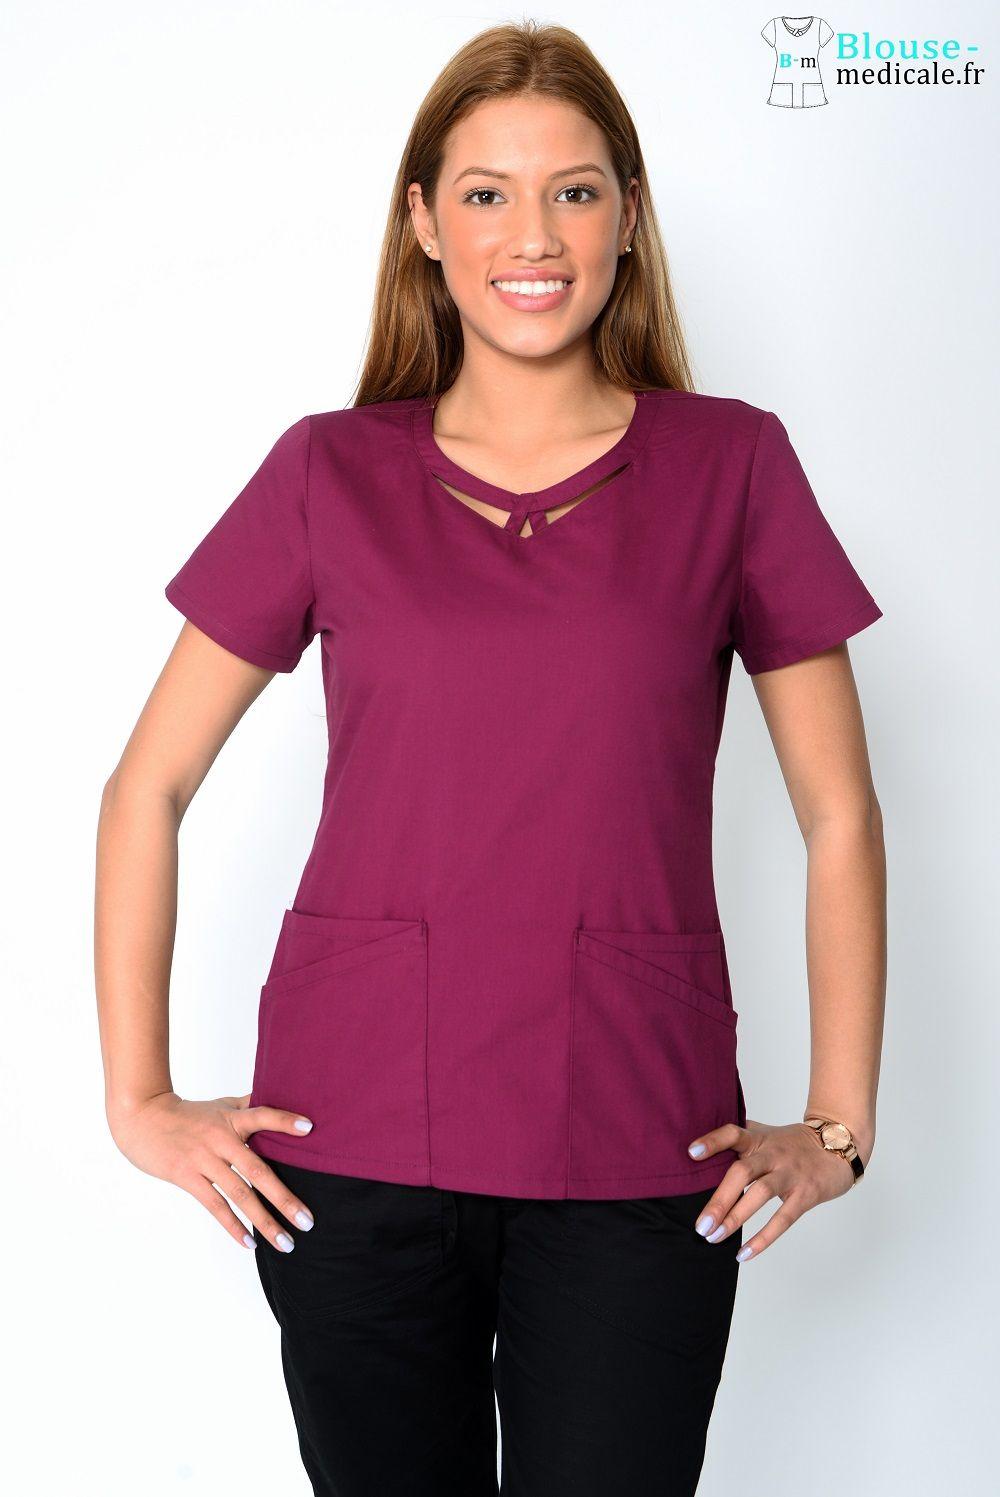 blouse medicale dickies femme 85810 bordeaux